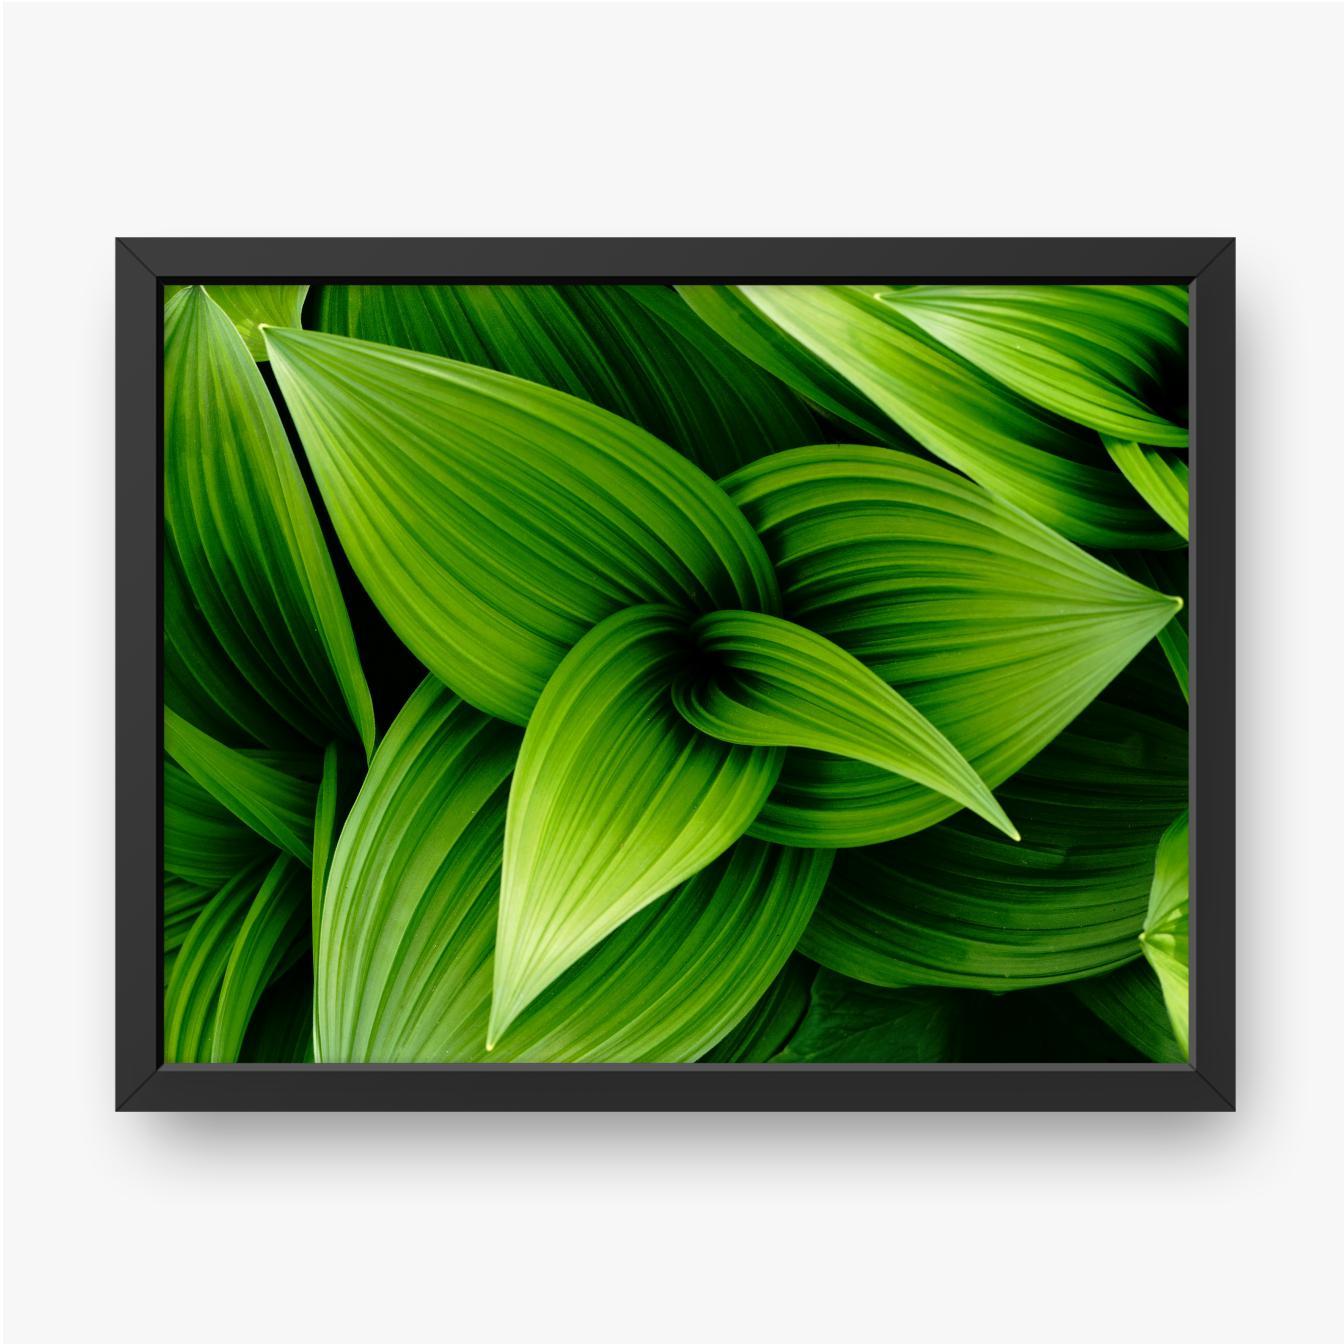 Zielona roślina widziana z góry